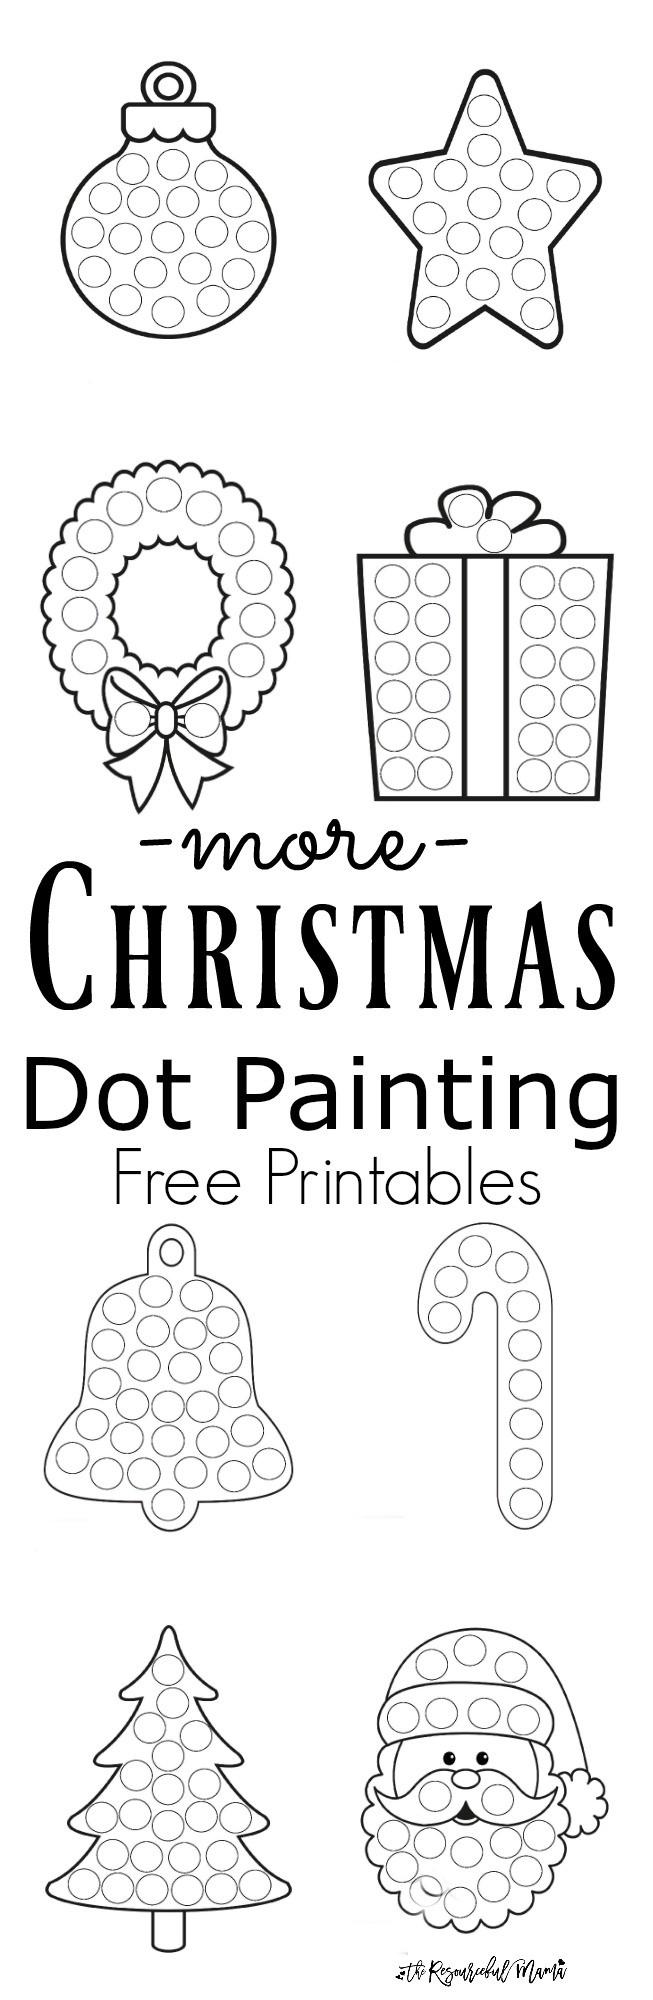 Dot to Dot Christmas Printables More Christmas Dot Painting Free Printables the